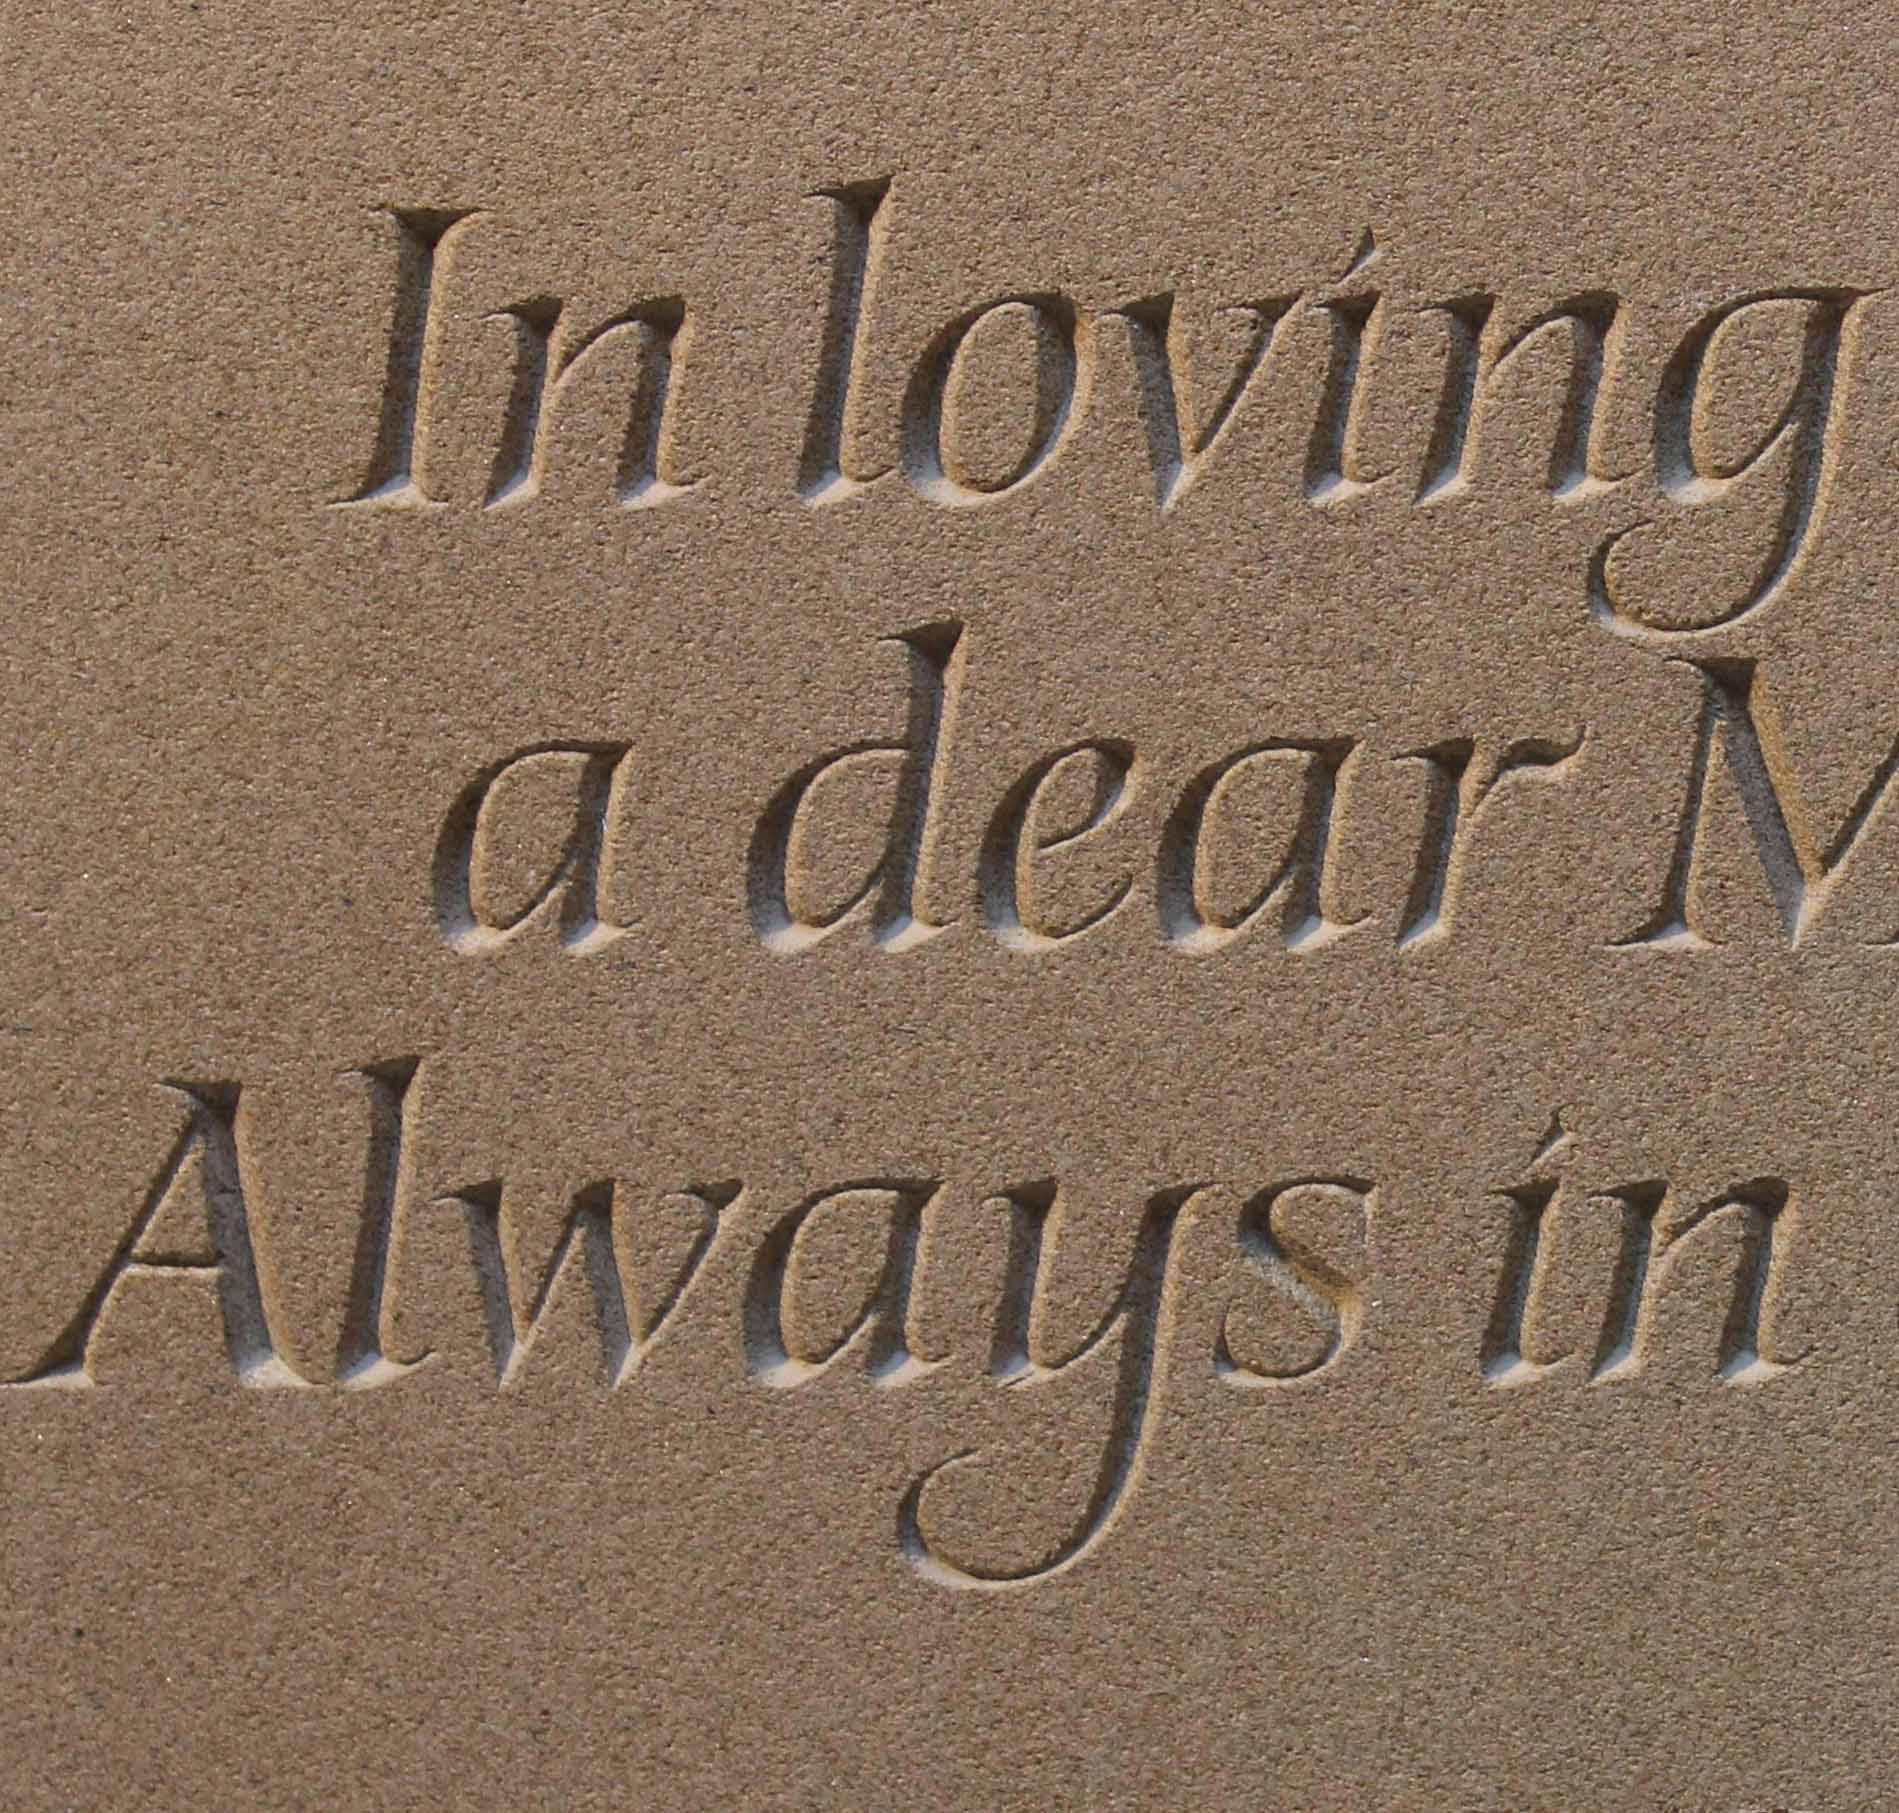 Headstones, Gravestones and Grave Stones